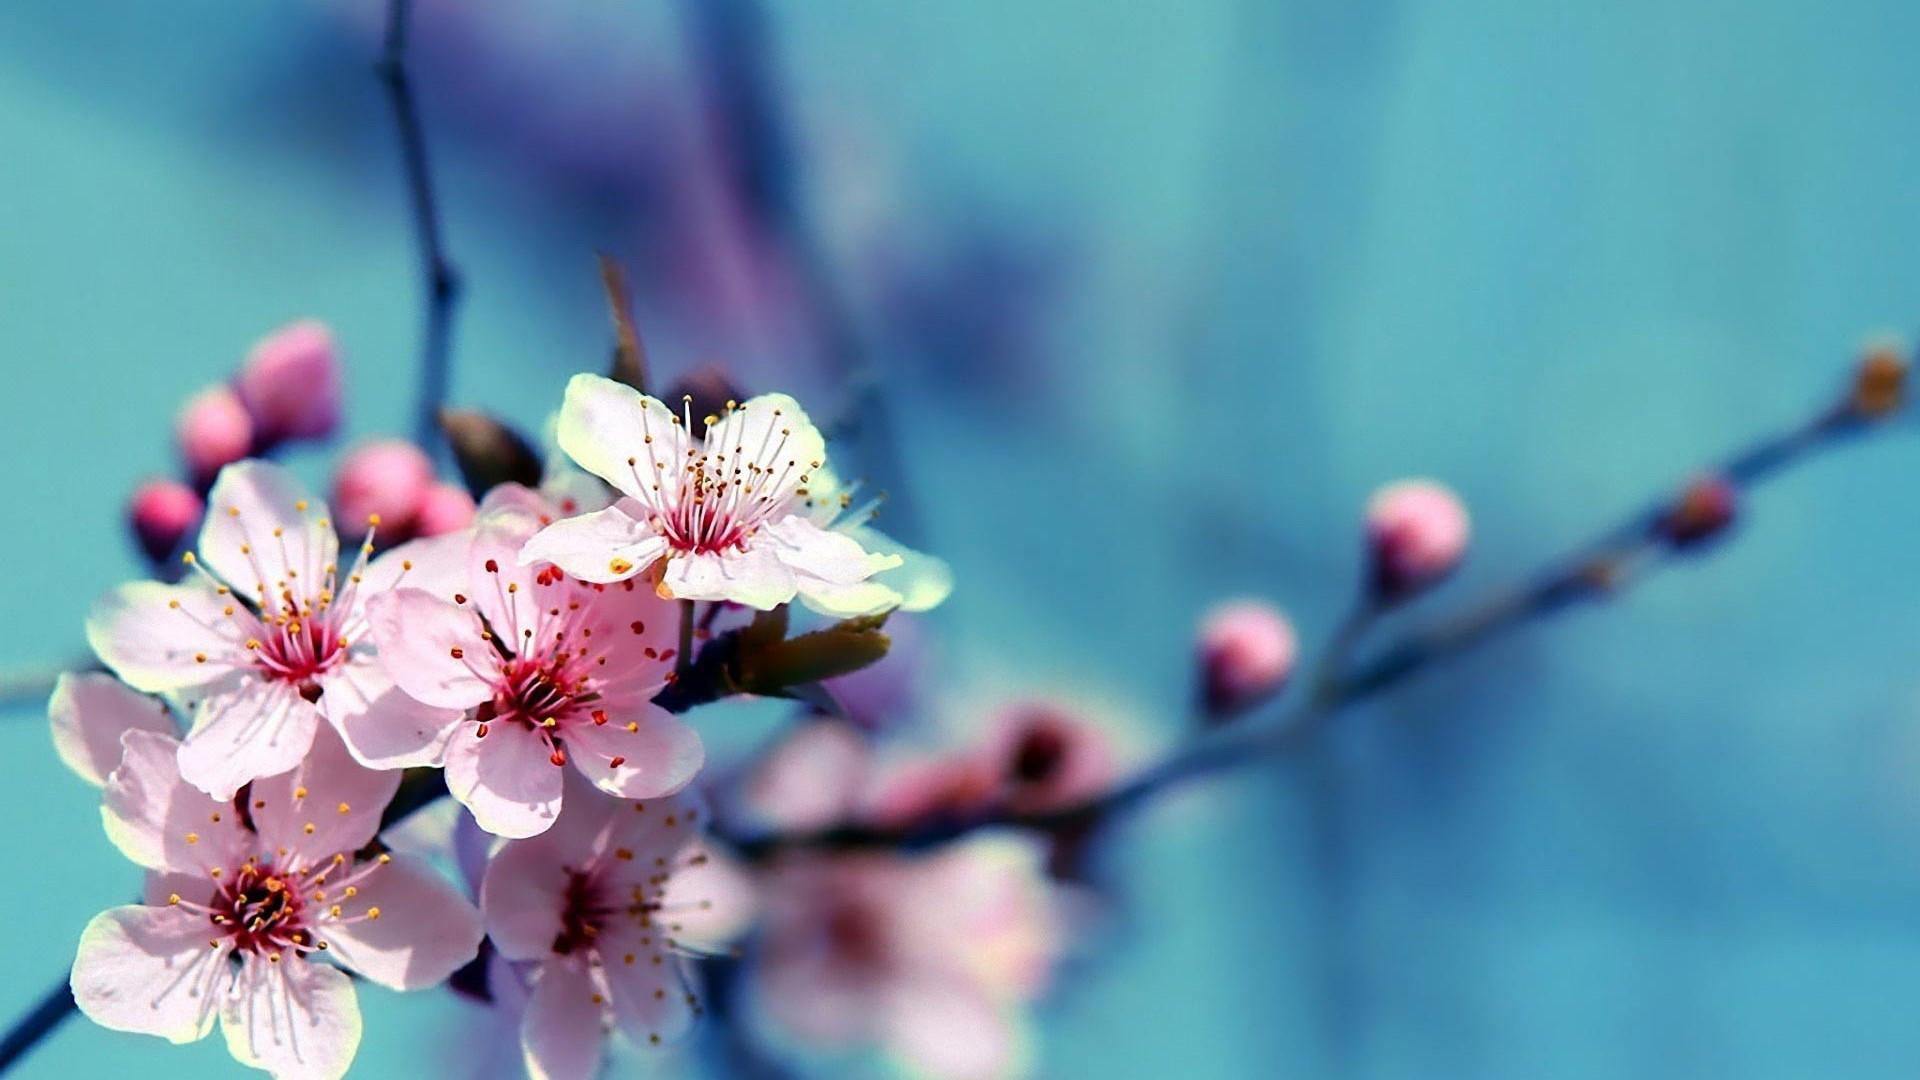 Desktop cherry blossoms hd wallpaper.